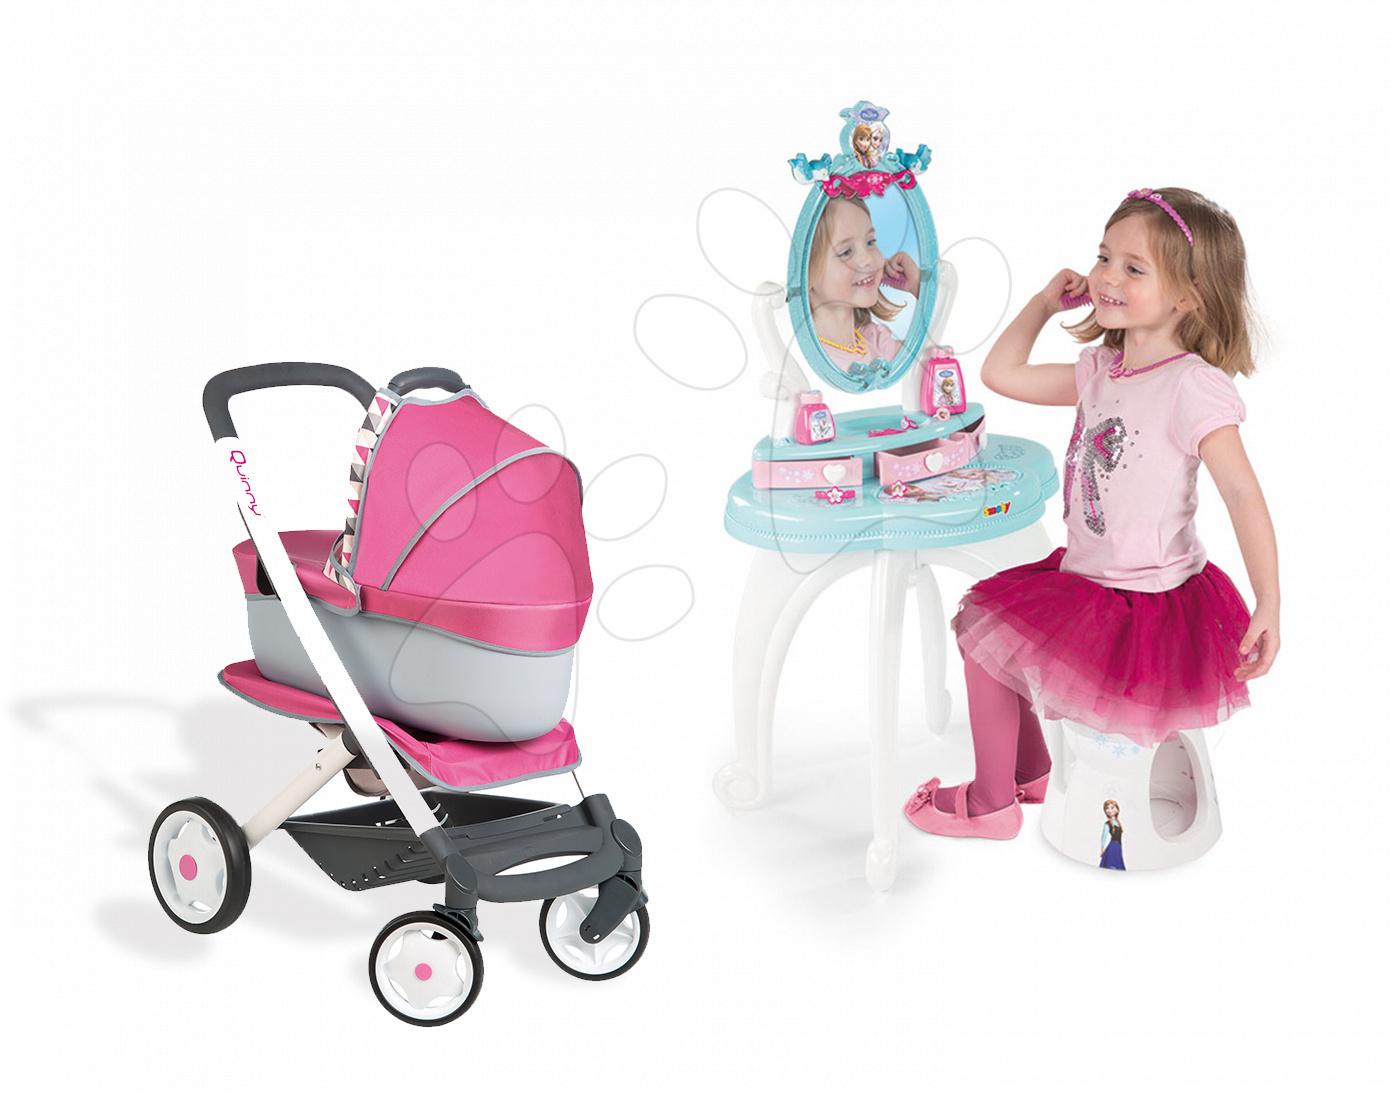 Set kosmetický stolek pro děti Frozen Smoby se židlí a kočárek pro panenku Maxi Cosi & Quinny 3v1 (70 cm ručka)